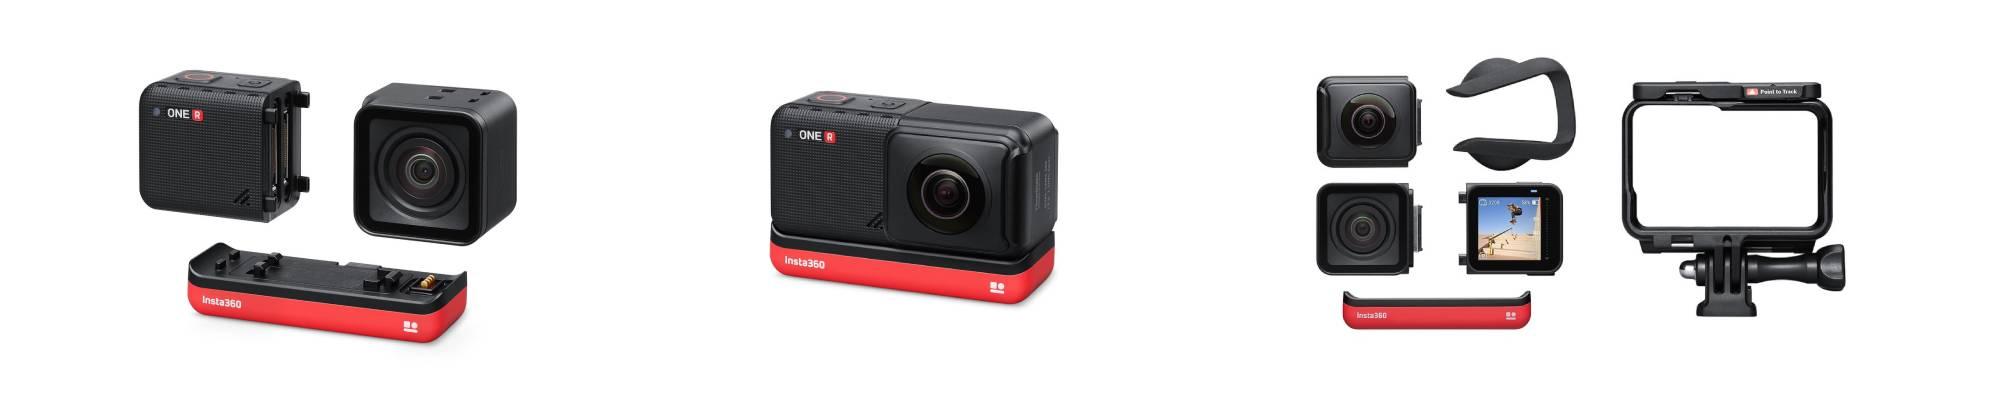 kamera Insta360 One R Twin Edition na białym tle